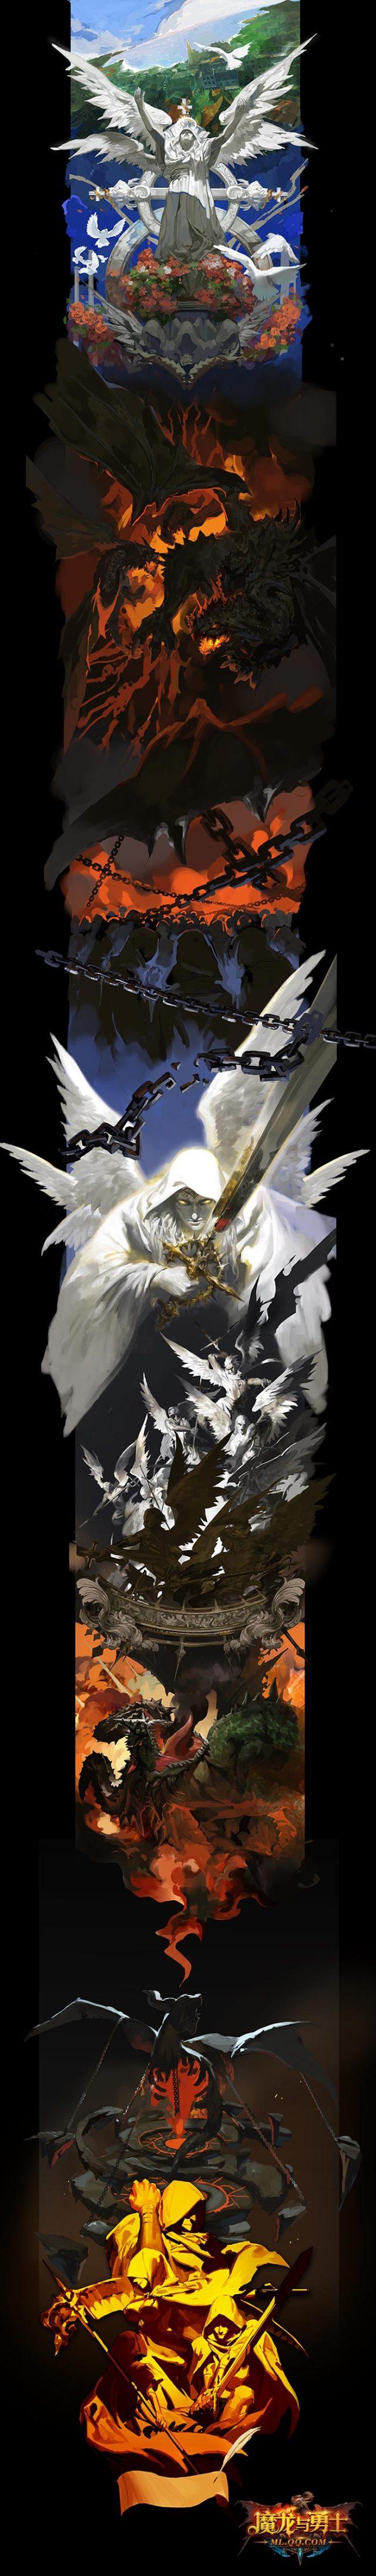 魔龙与勇士宣传图设计师红时作品